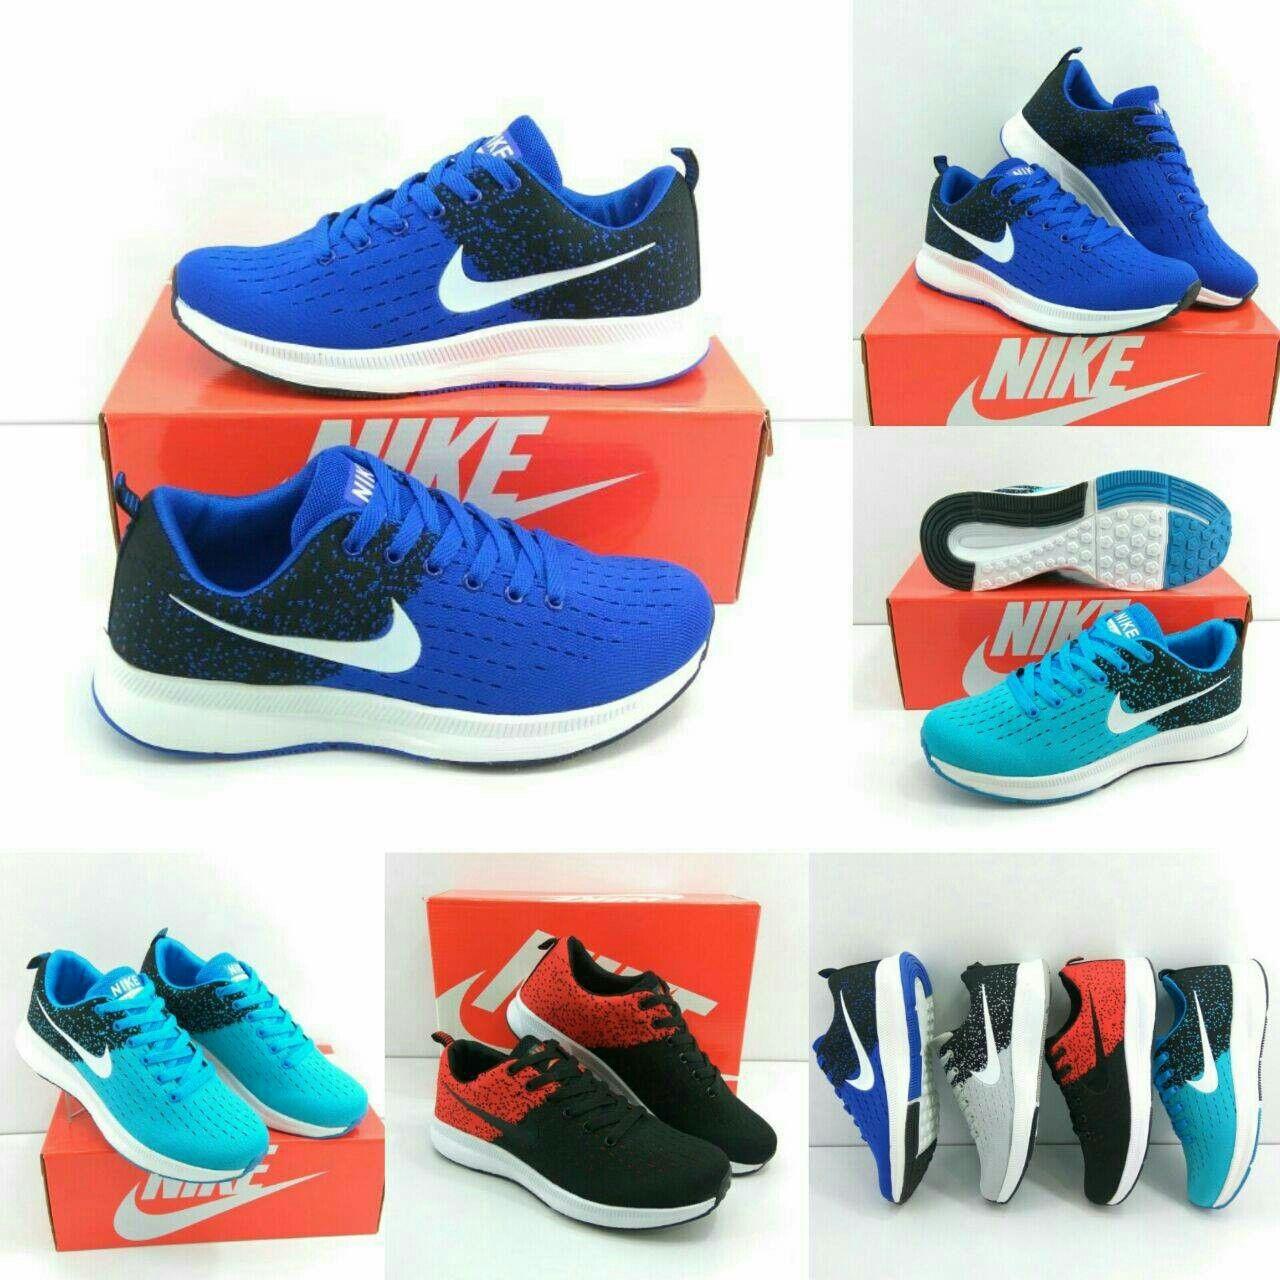 Shoes Sport Nike 2017 Cowok Kwalitas Semi Premium Tersedia 4 Warna